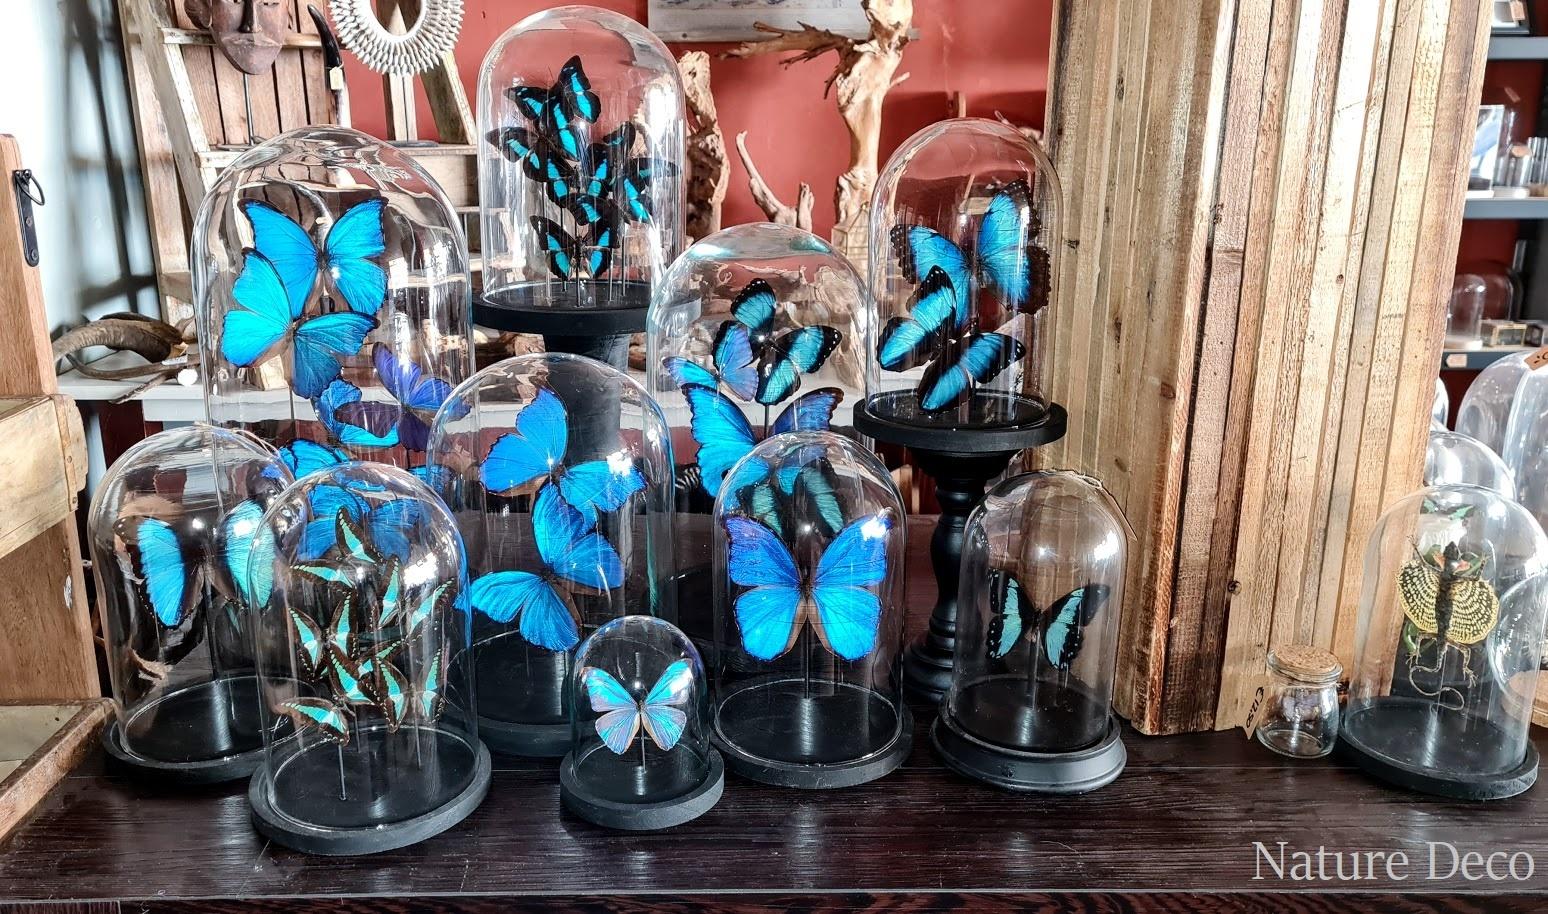 Morpho glass domes